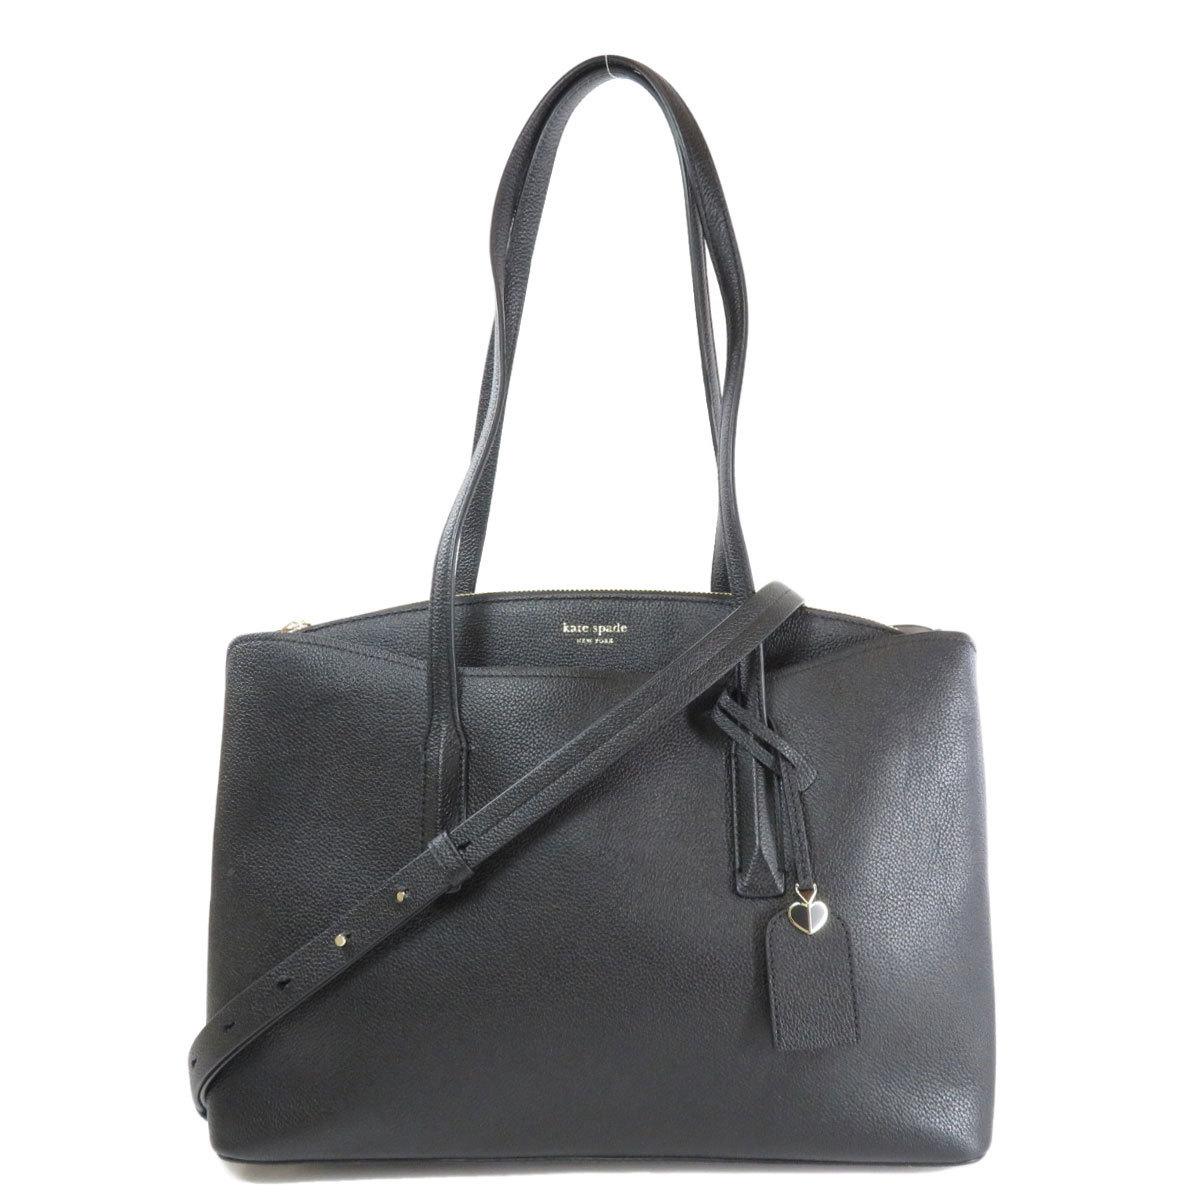 Kate Spade 2WAY Tote Bag Leather Ladies